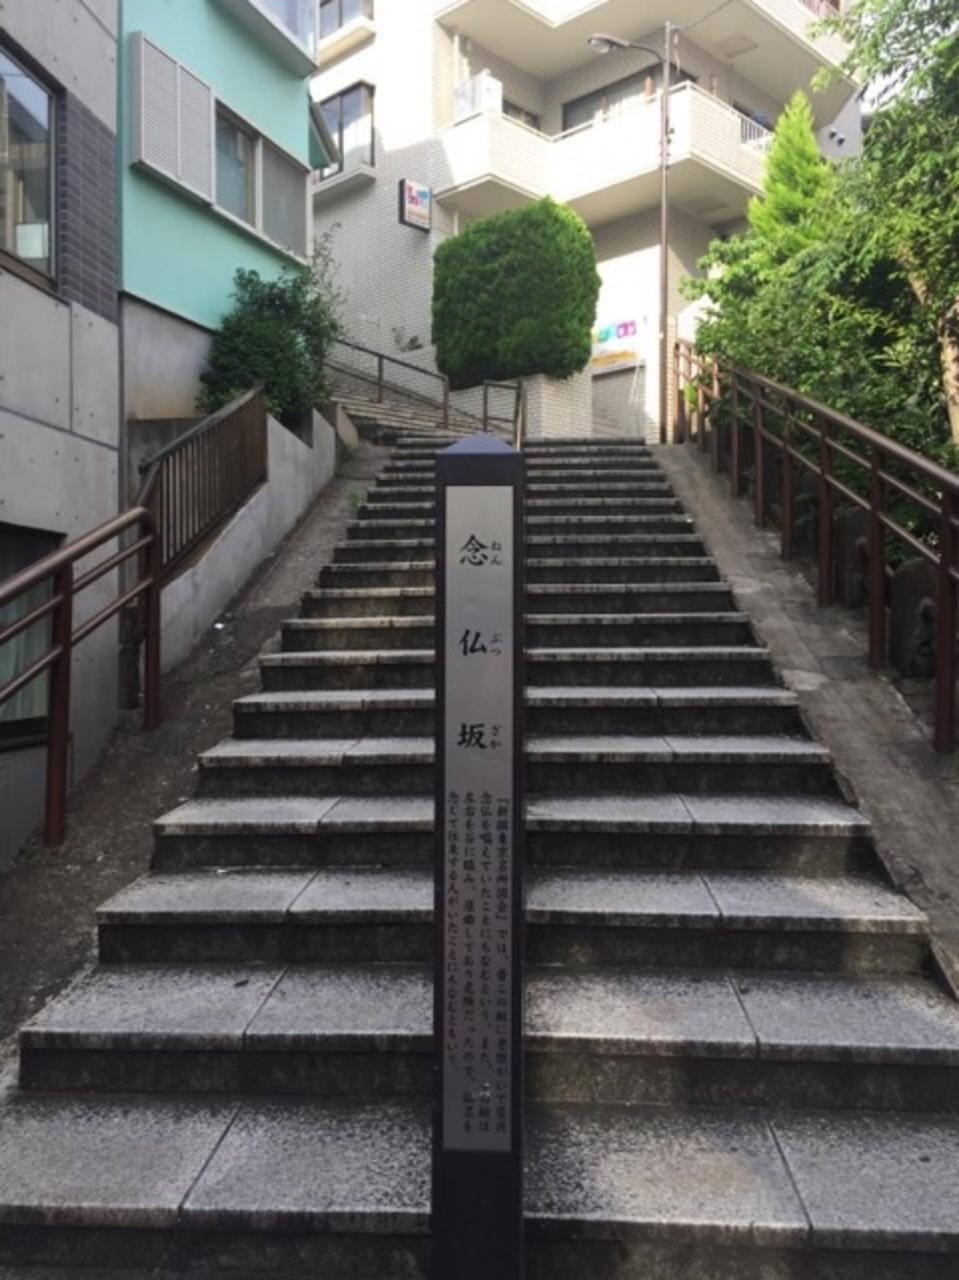 念仏坂 クチコミガイド【フォートラベル】 市ヶ谷